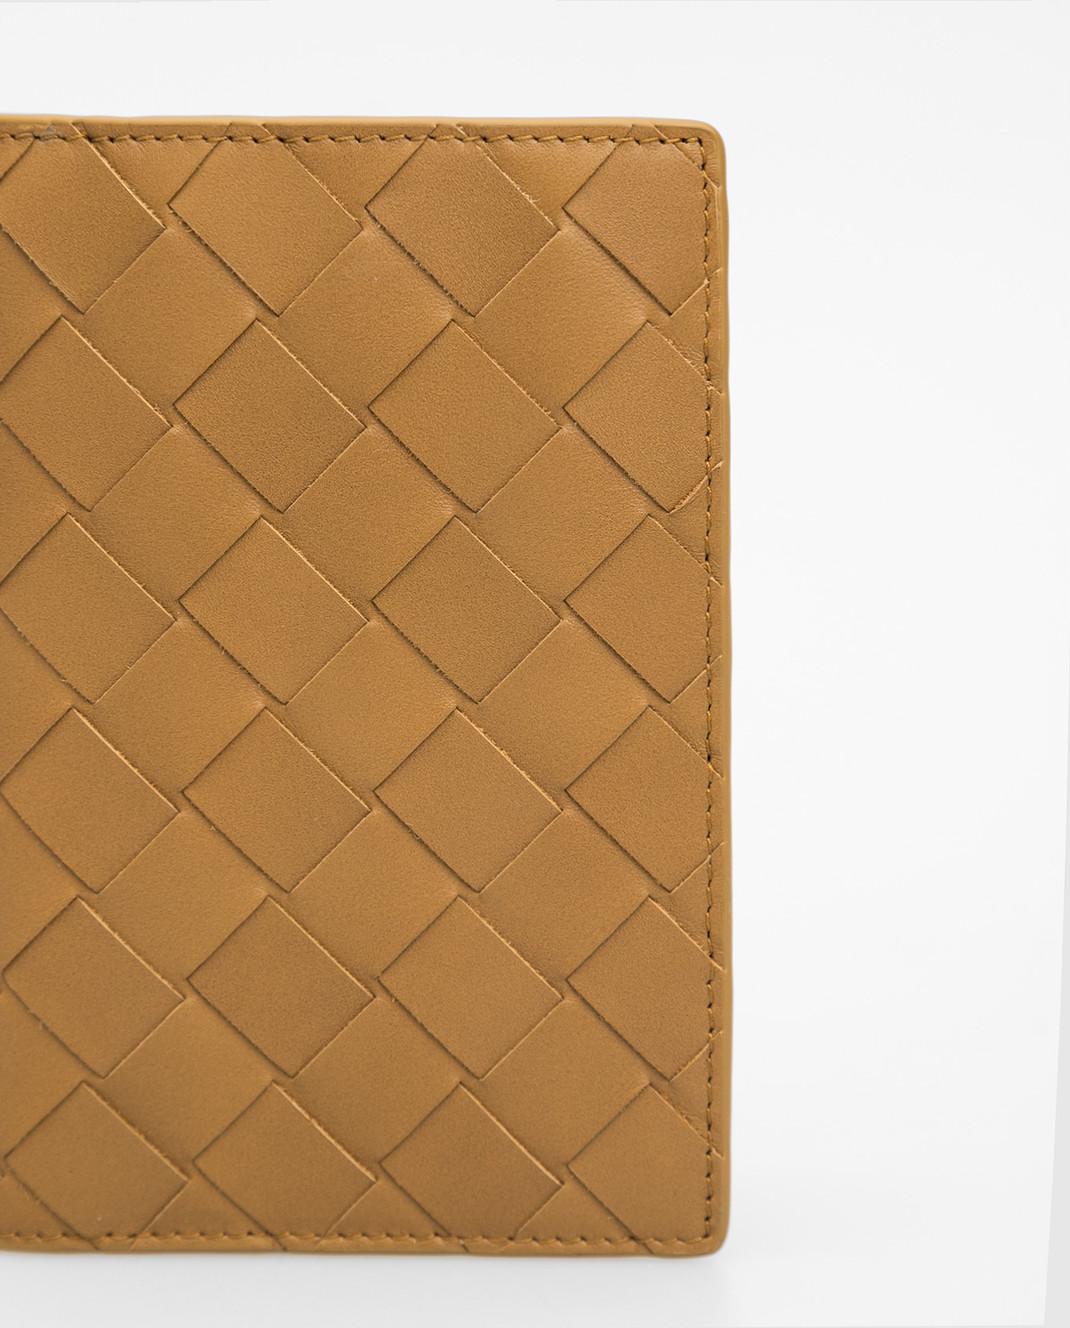 Bottega Veneta Горчичная кожаная обложка для паспорта изображение 4